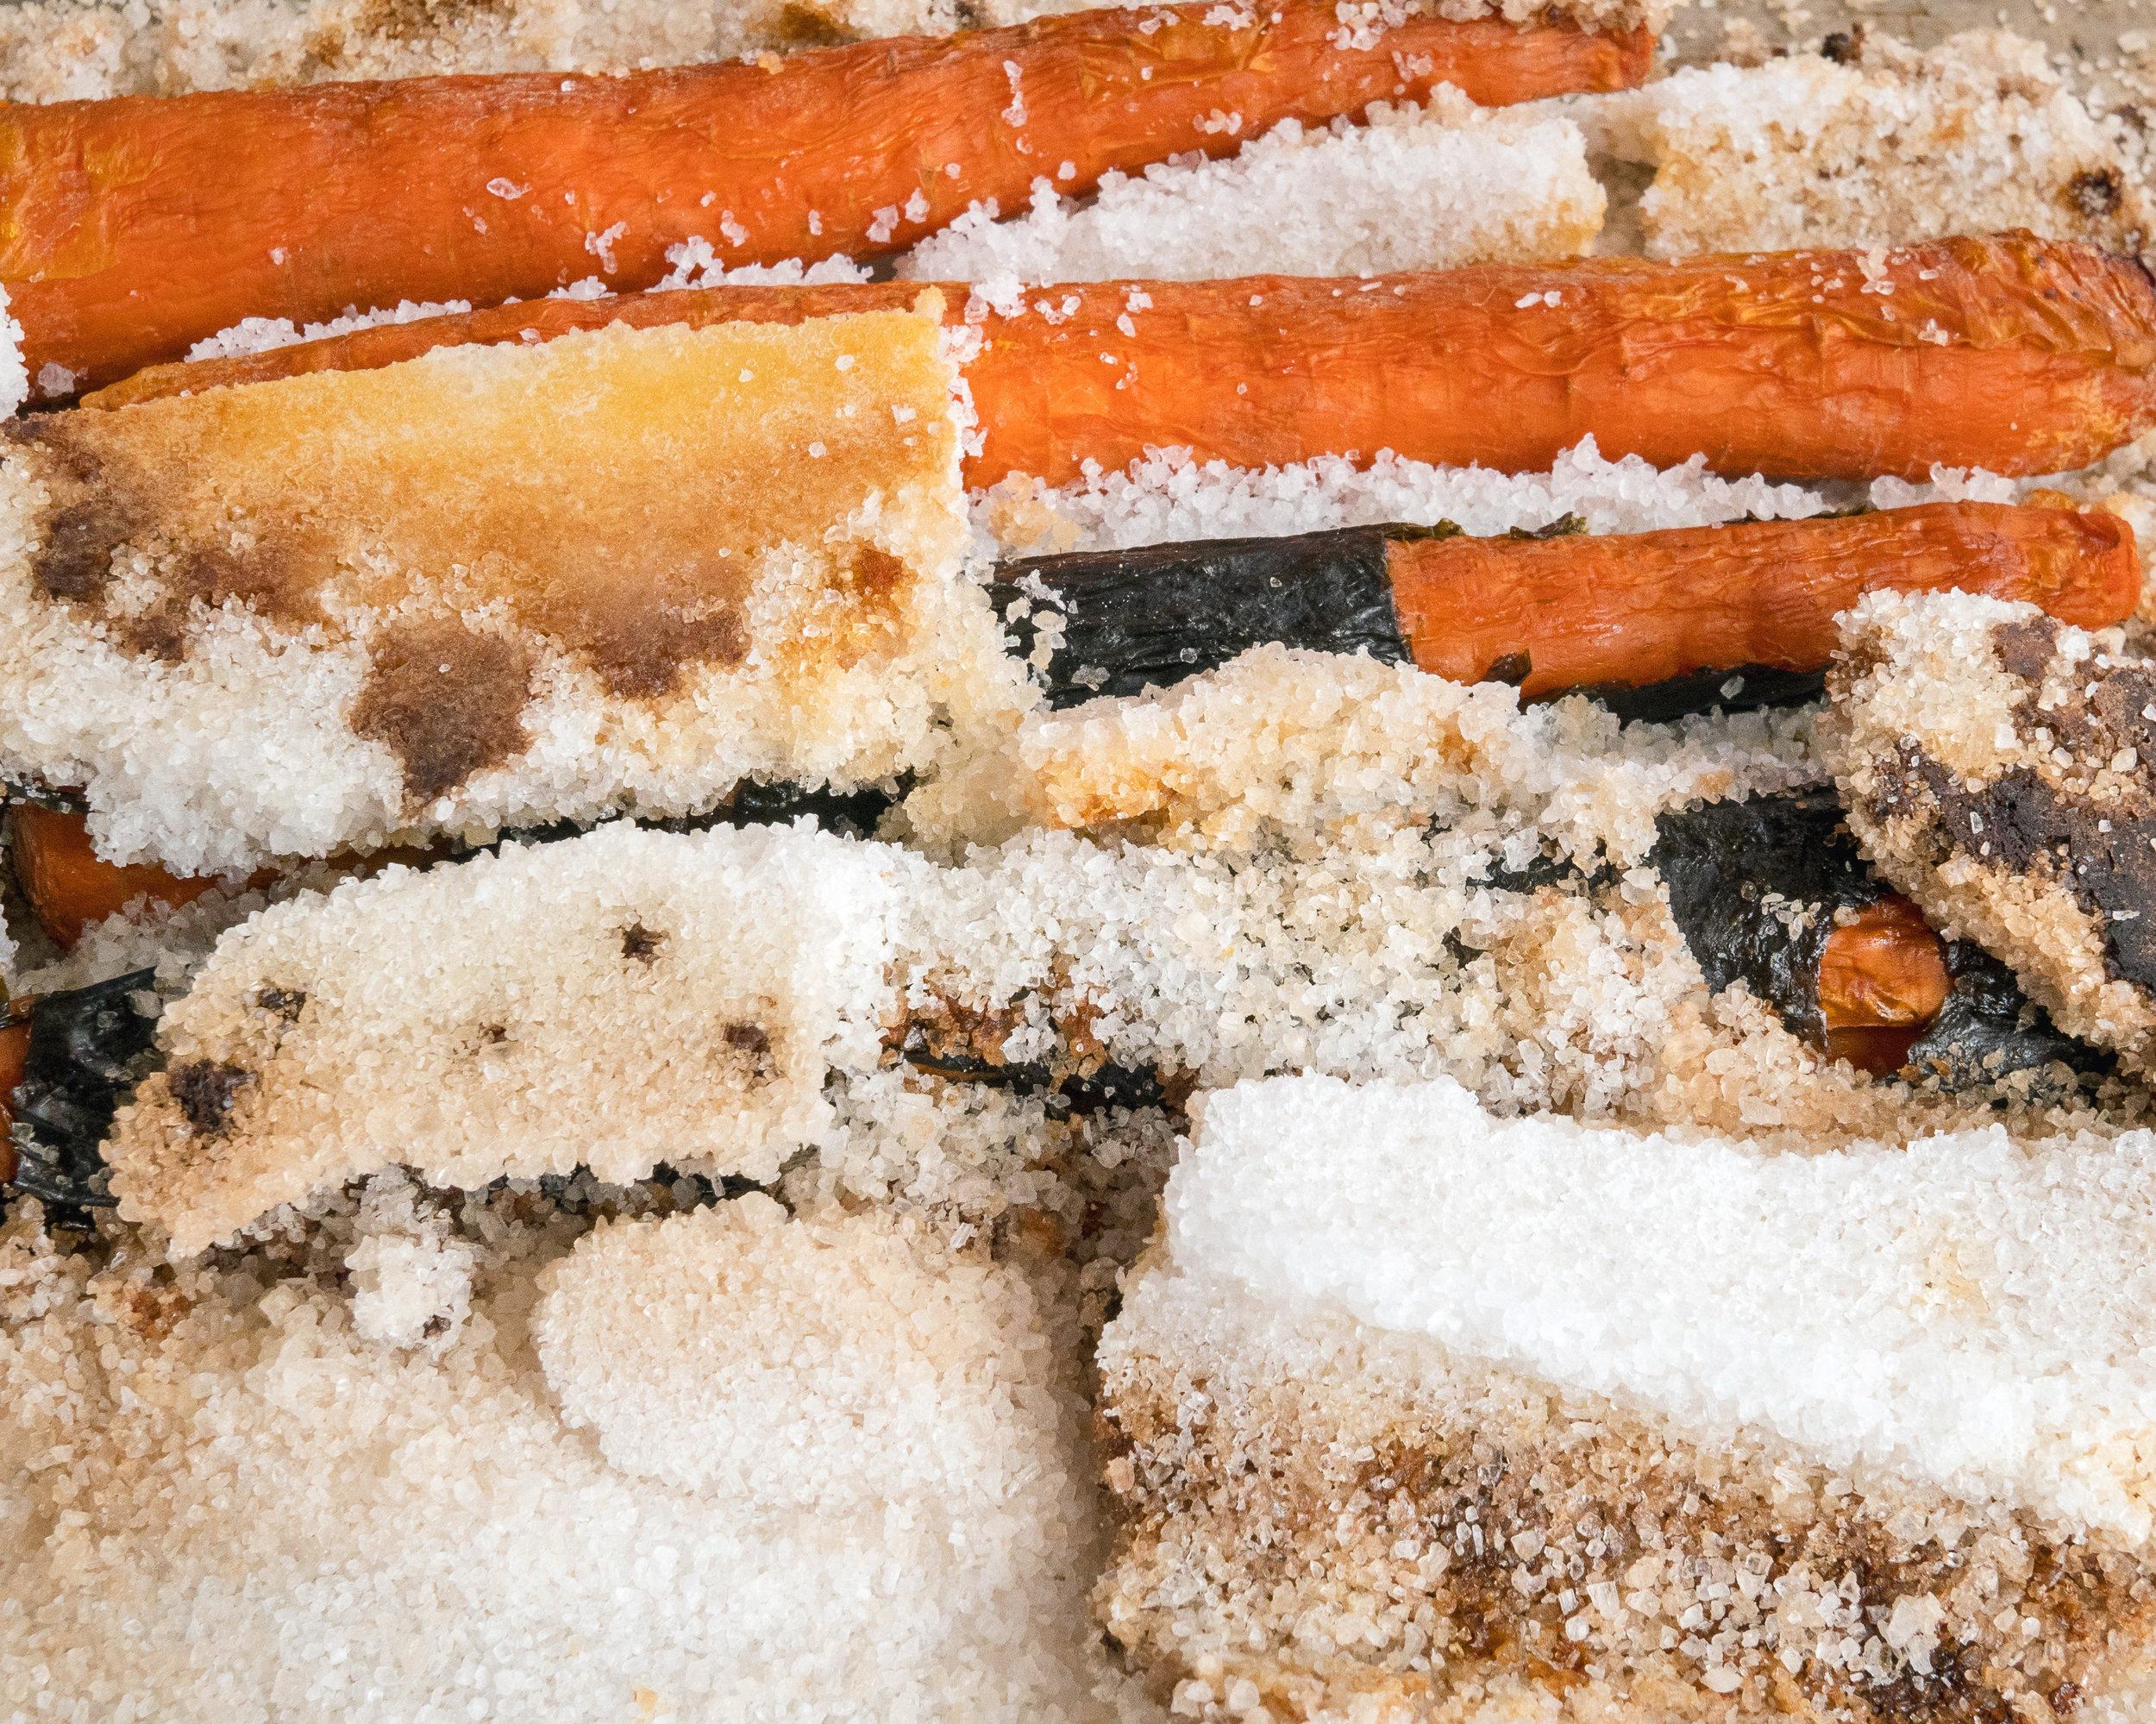 Carrot Lox 2.jpg